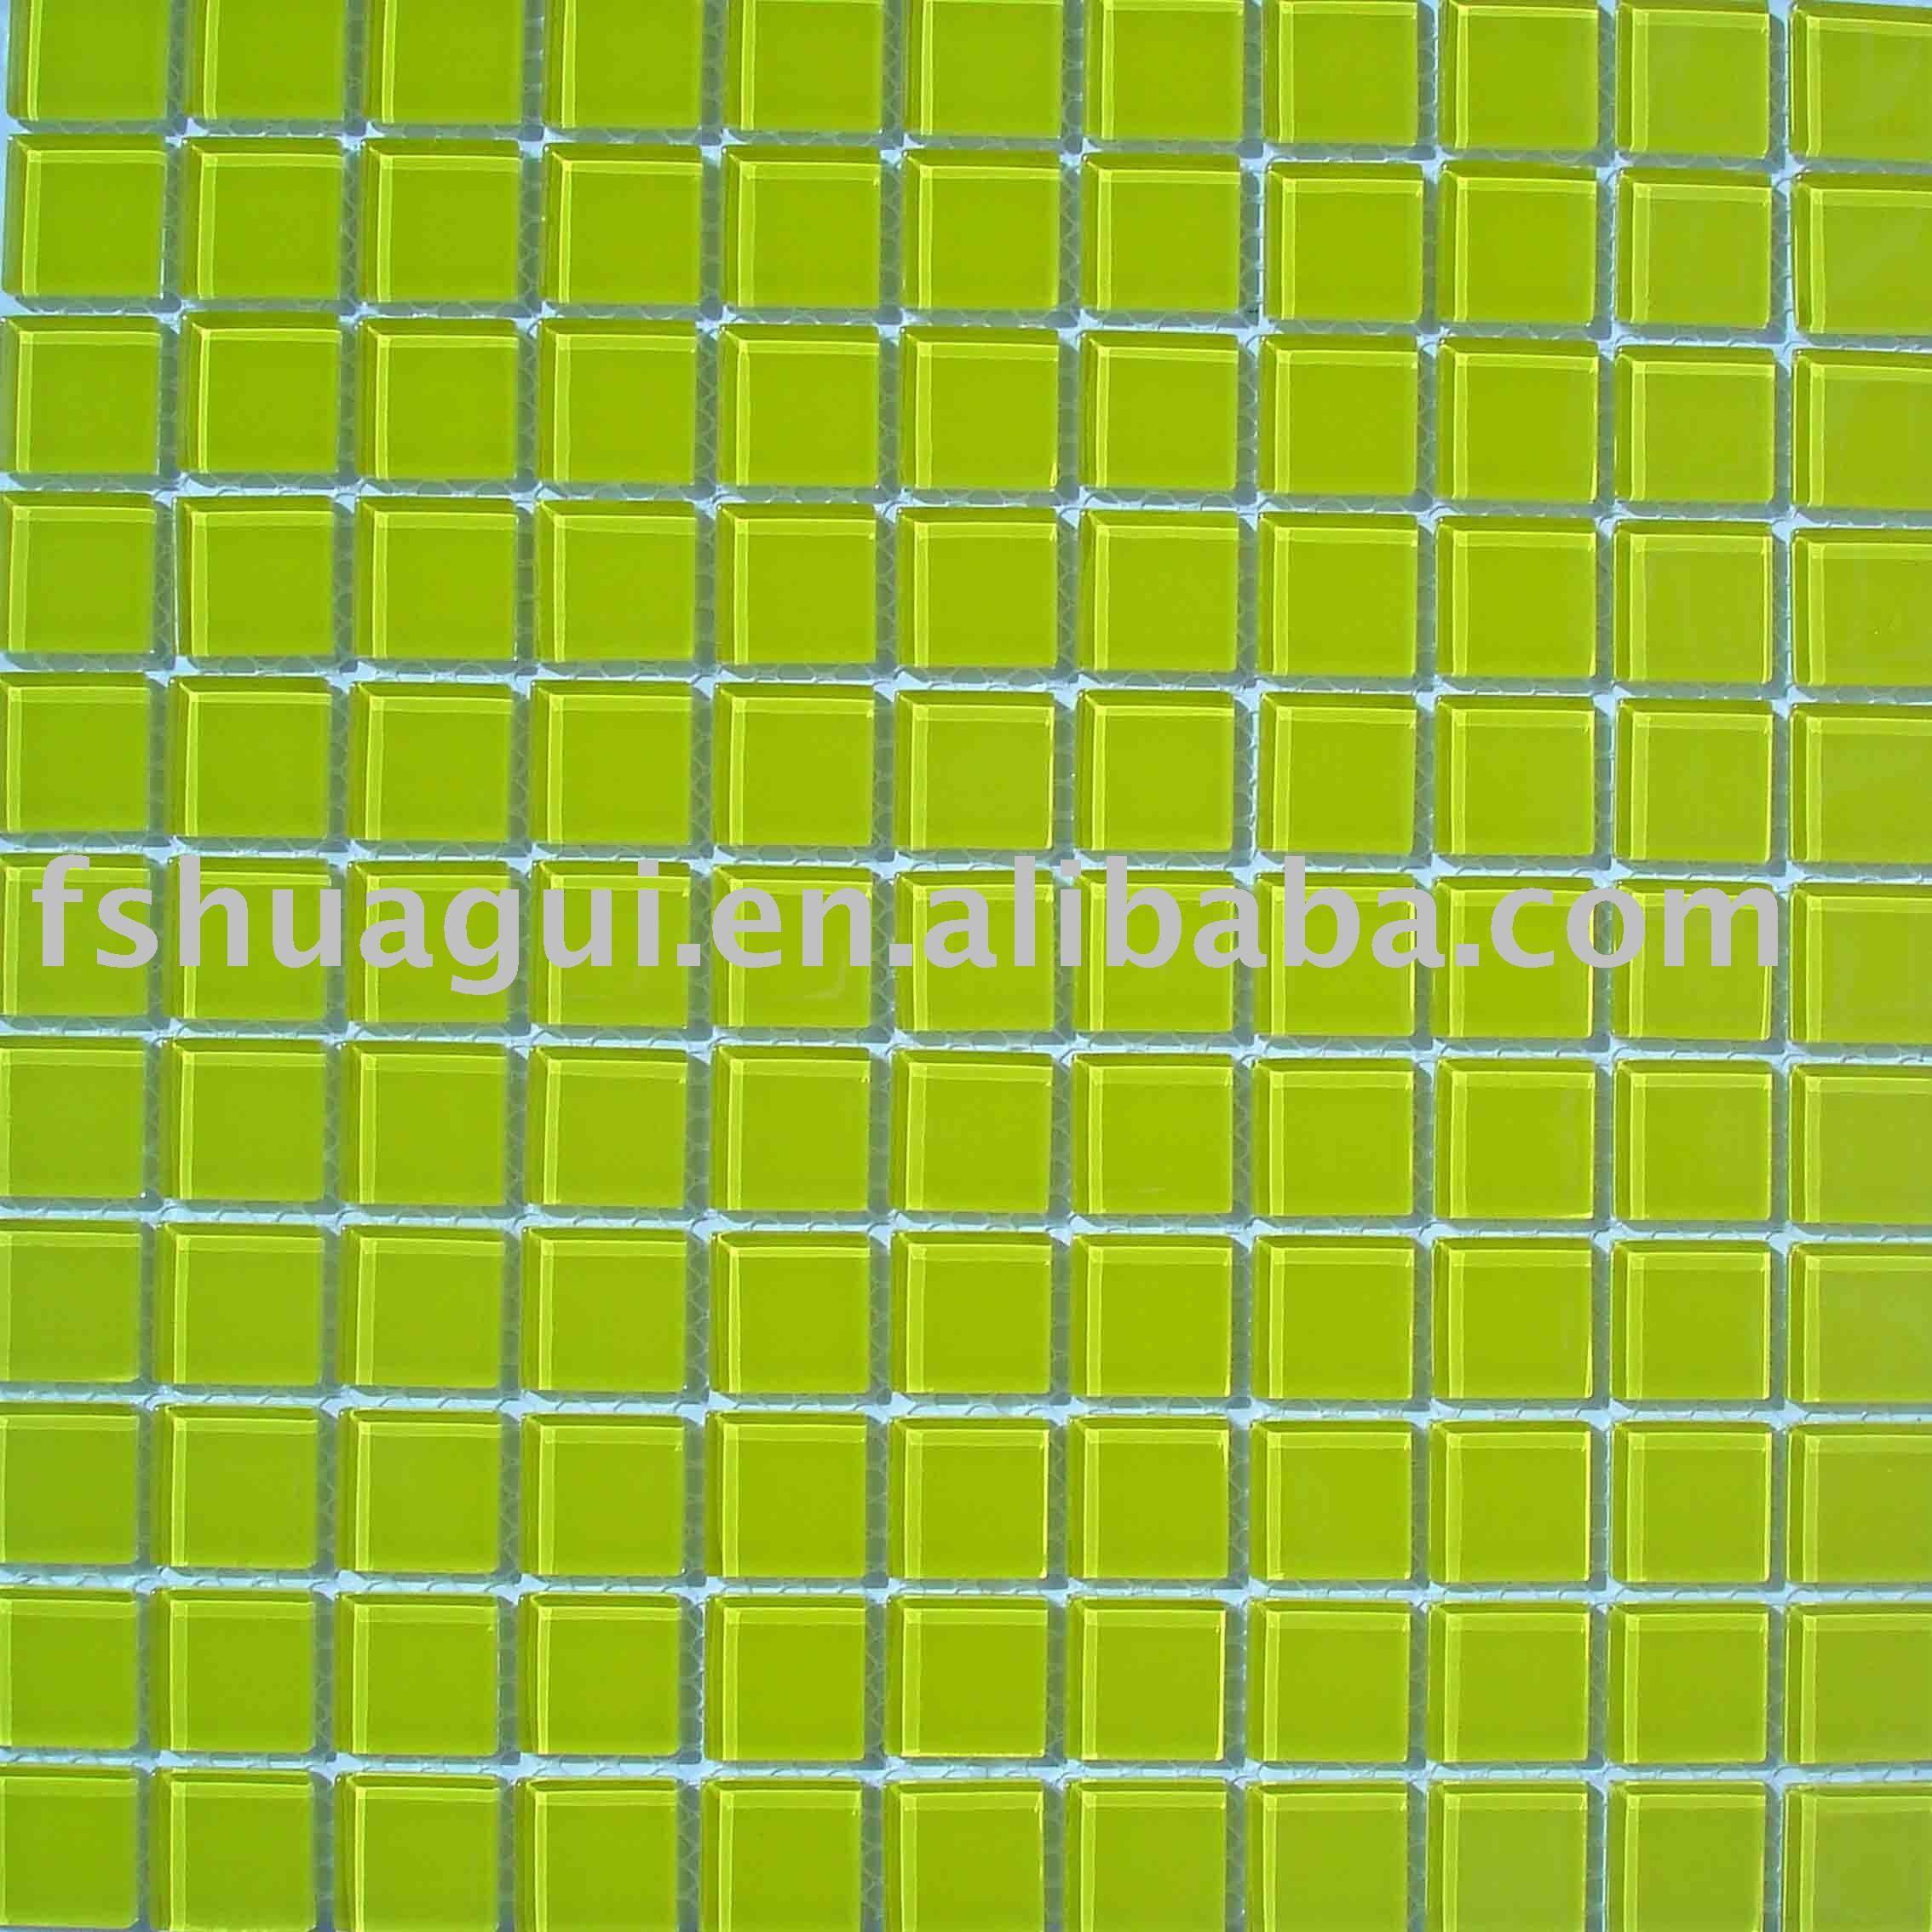 Green bathroom wall tiles verde mosaico di vetro muro stanza da bagno piastrelle di ceramica - Mosaico vetro bagno ...